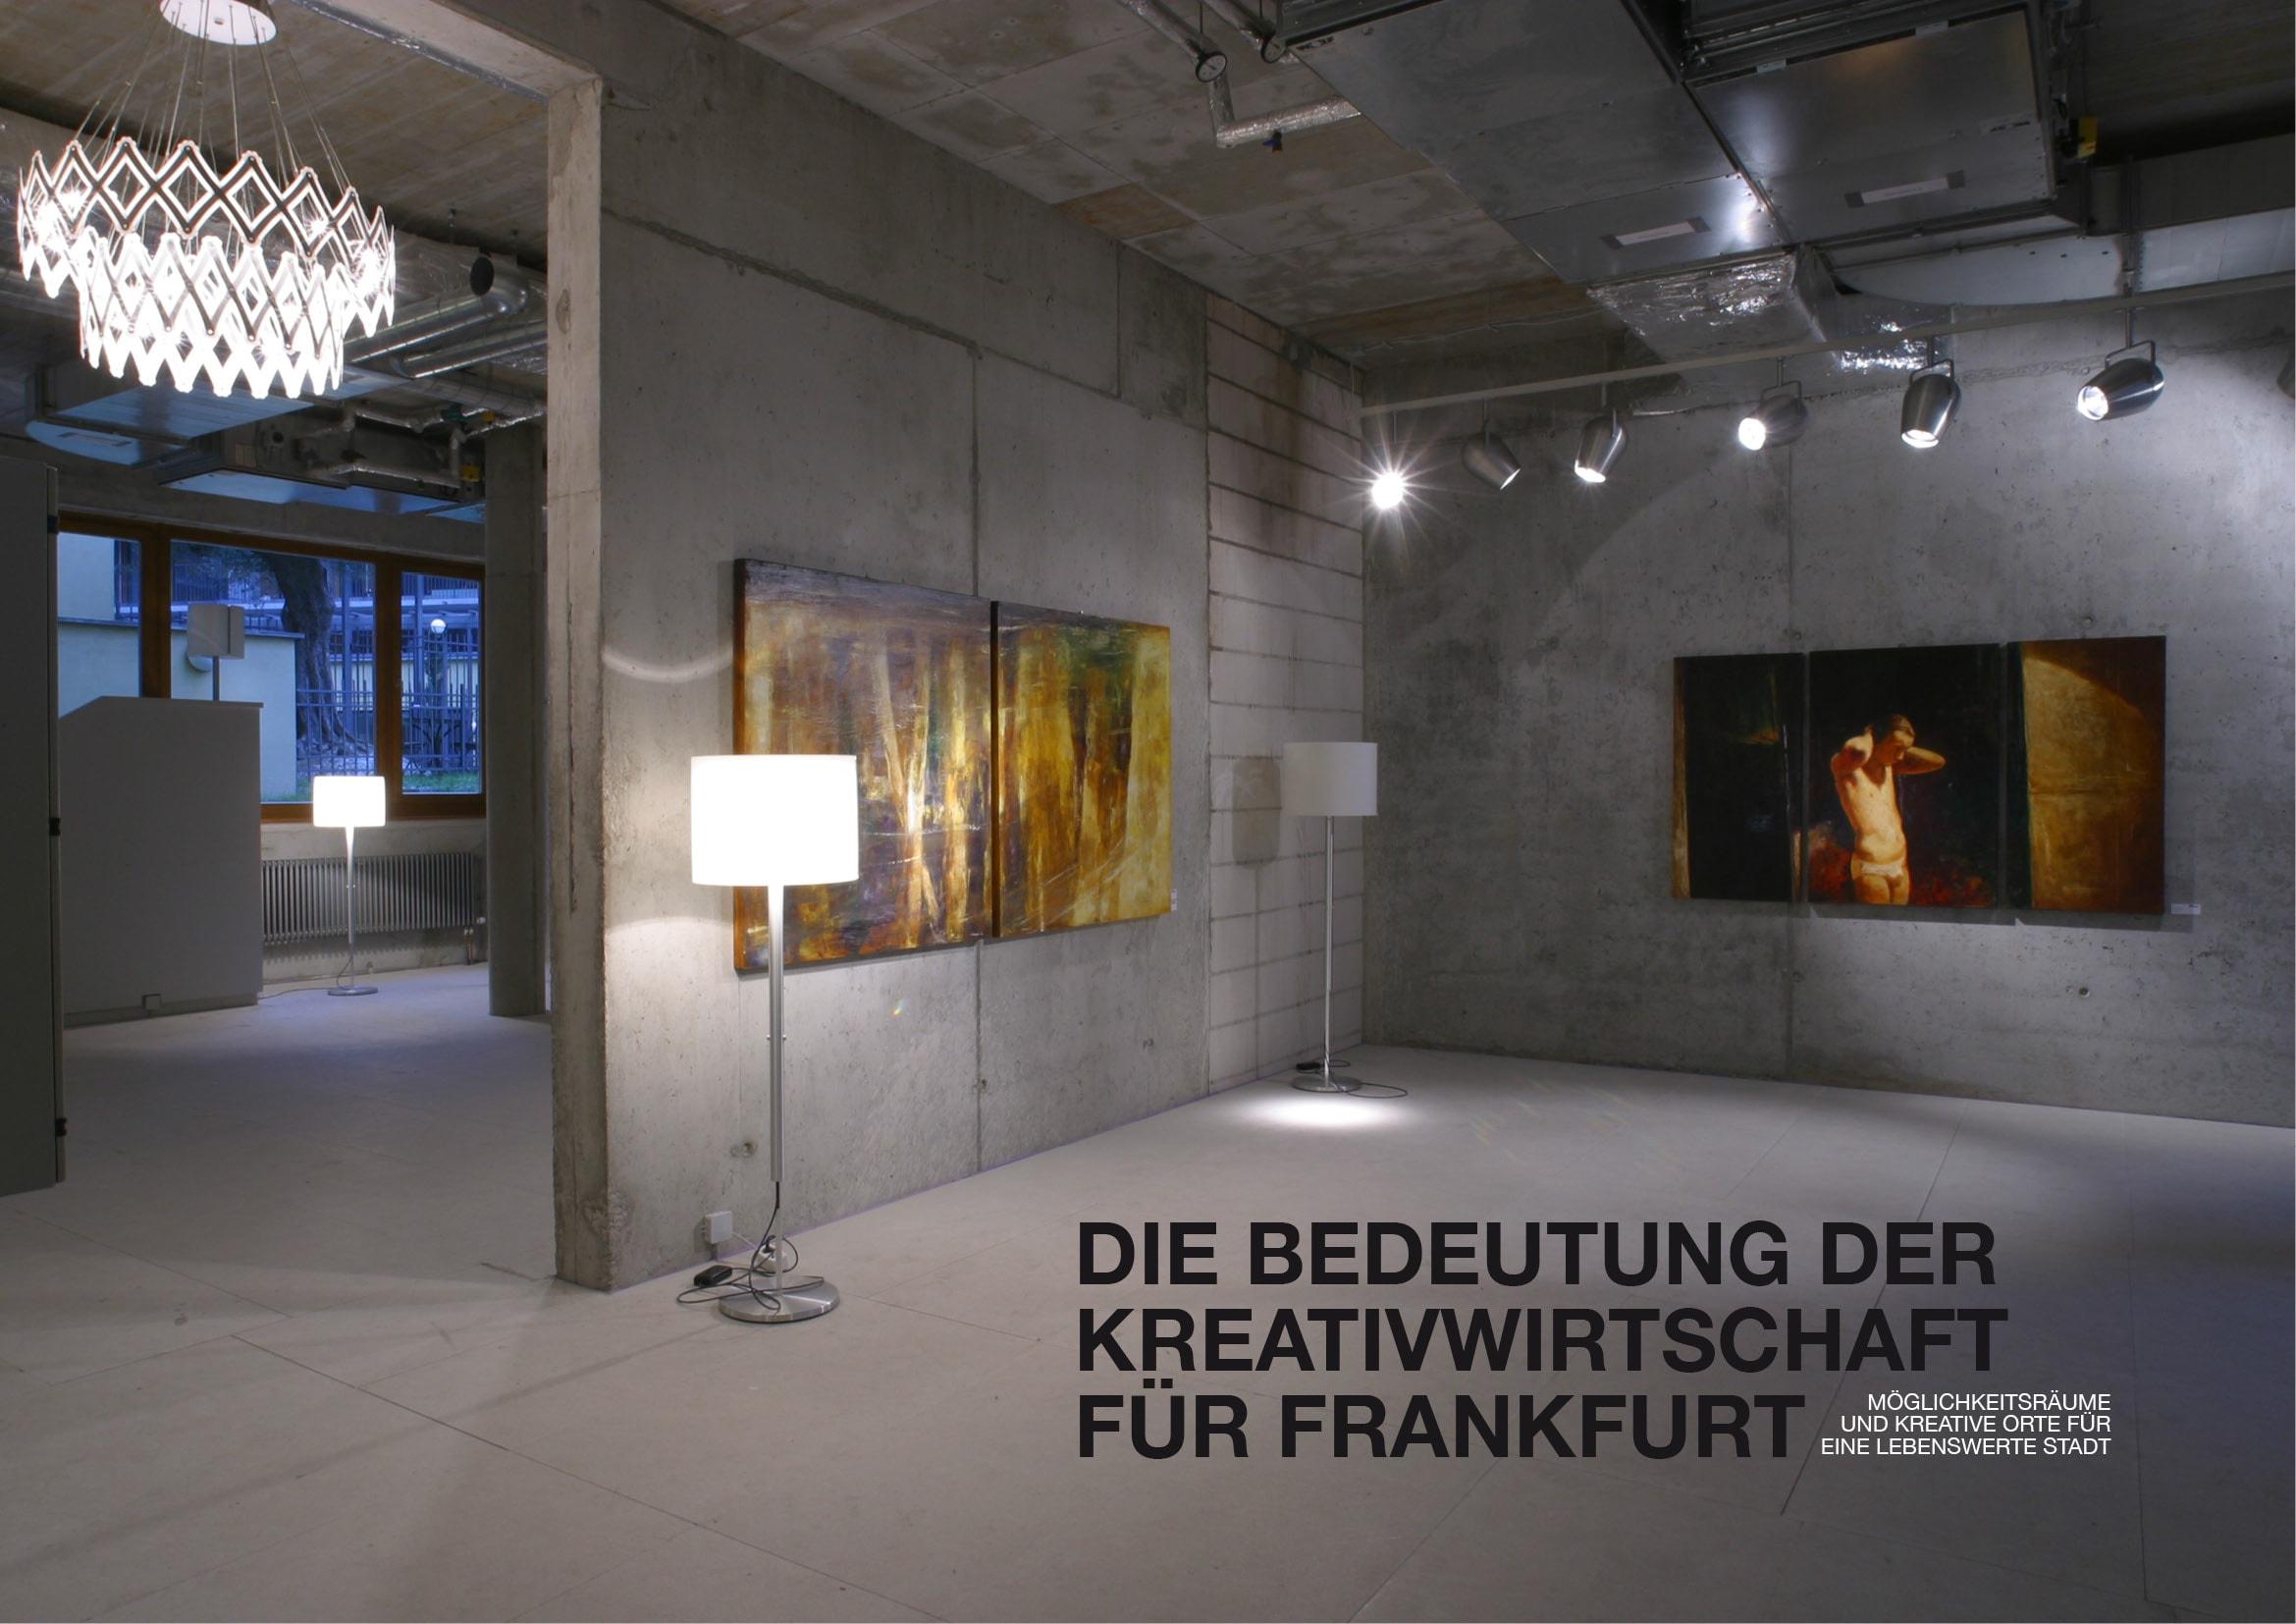 Broschüre Bedeutung der Kreativwirtschaft für Frankfurt